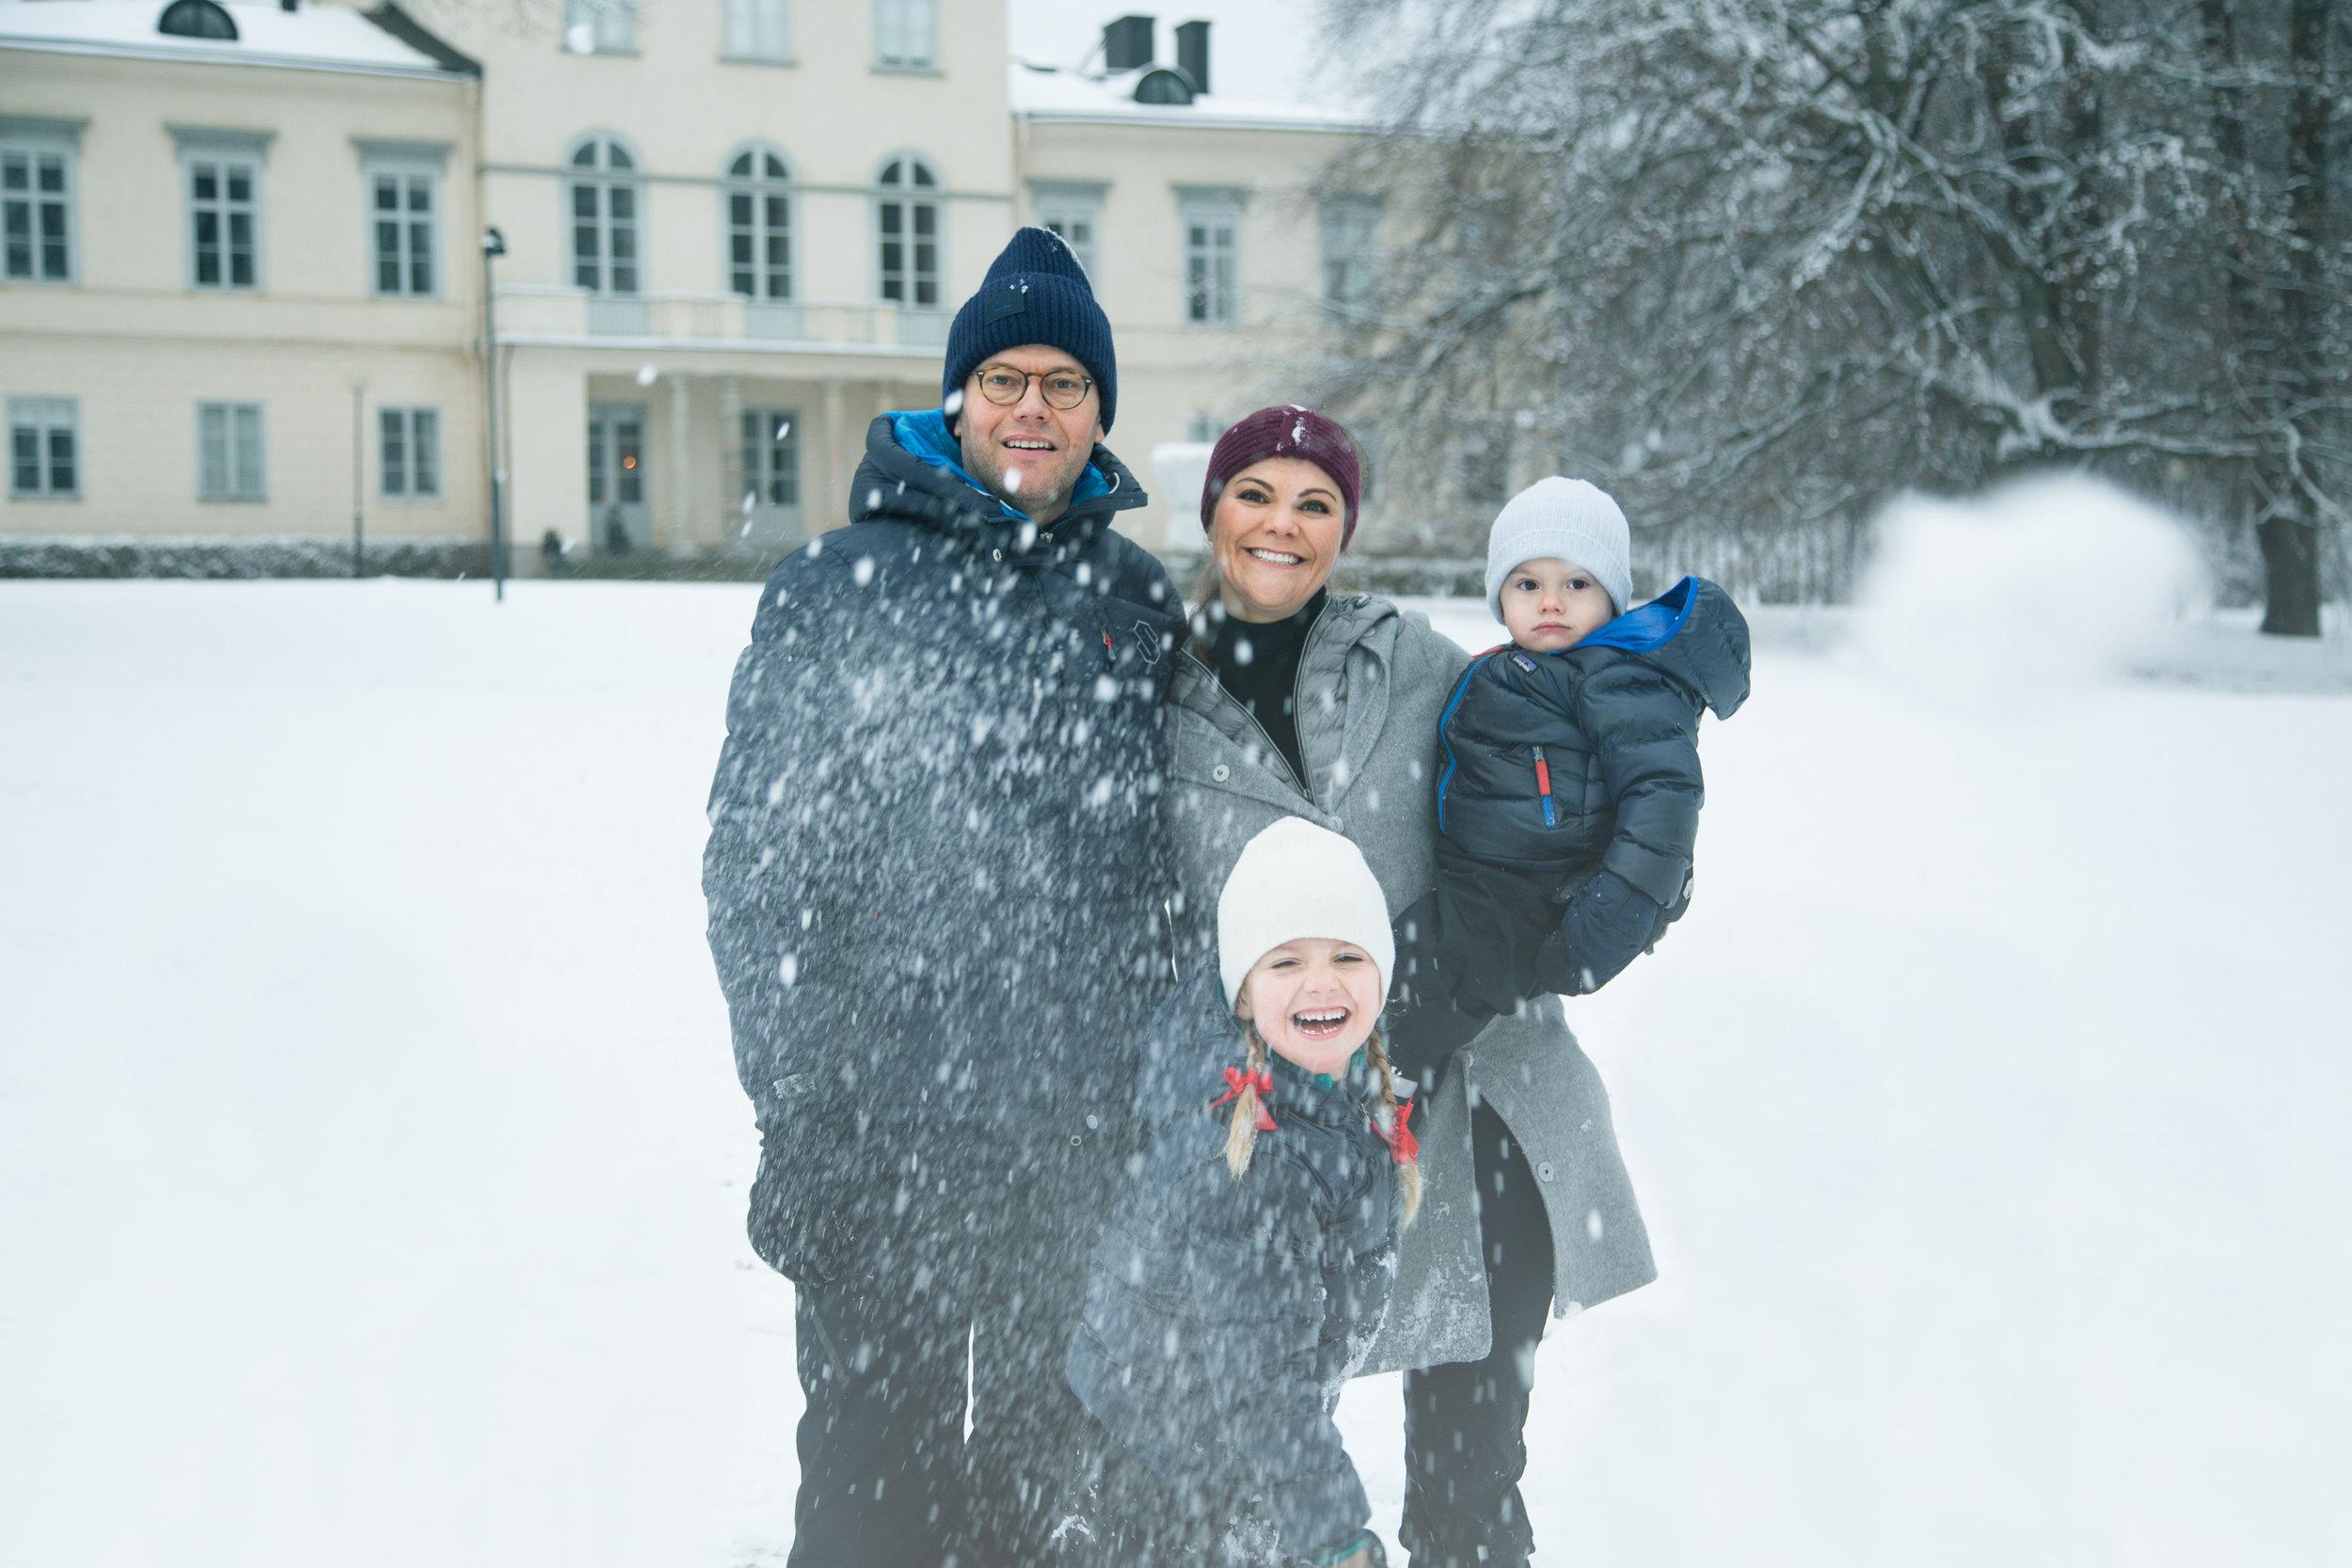 Kronprinzessin Victoria, Prinz Daniel und die Kinder Estelle und Oscar haben Spaß im Schnee.    Foto: Raphael Stecksén, Kungahuset.se